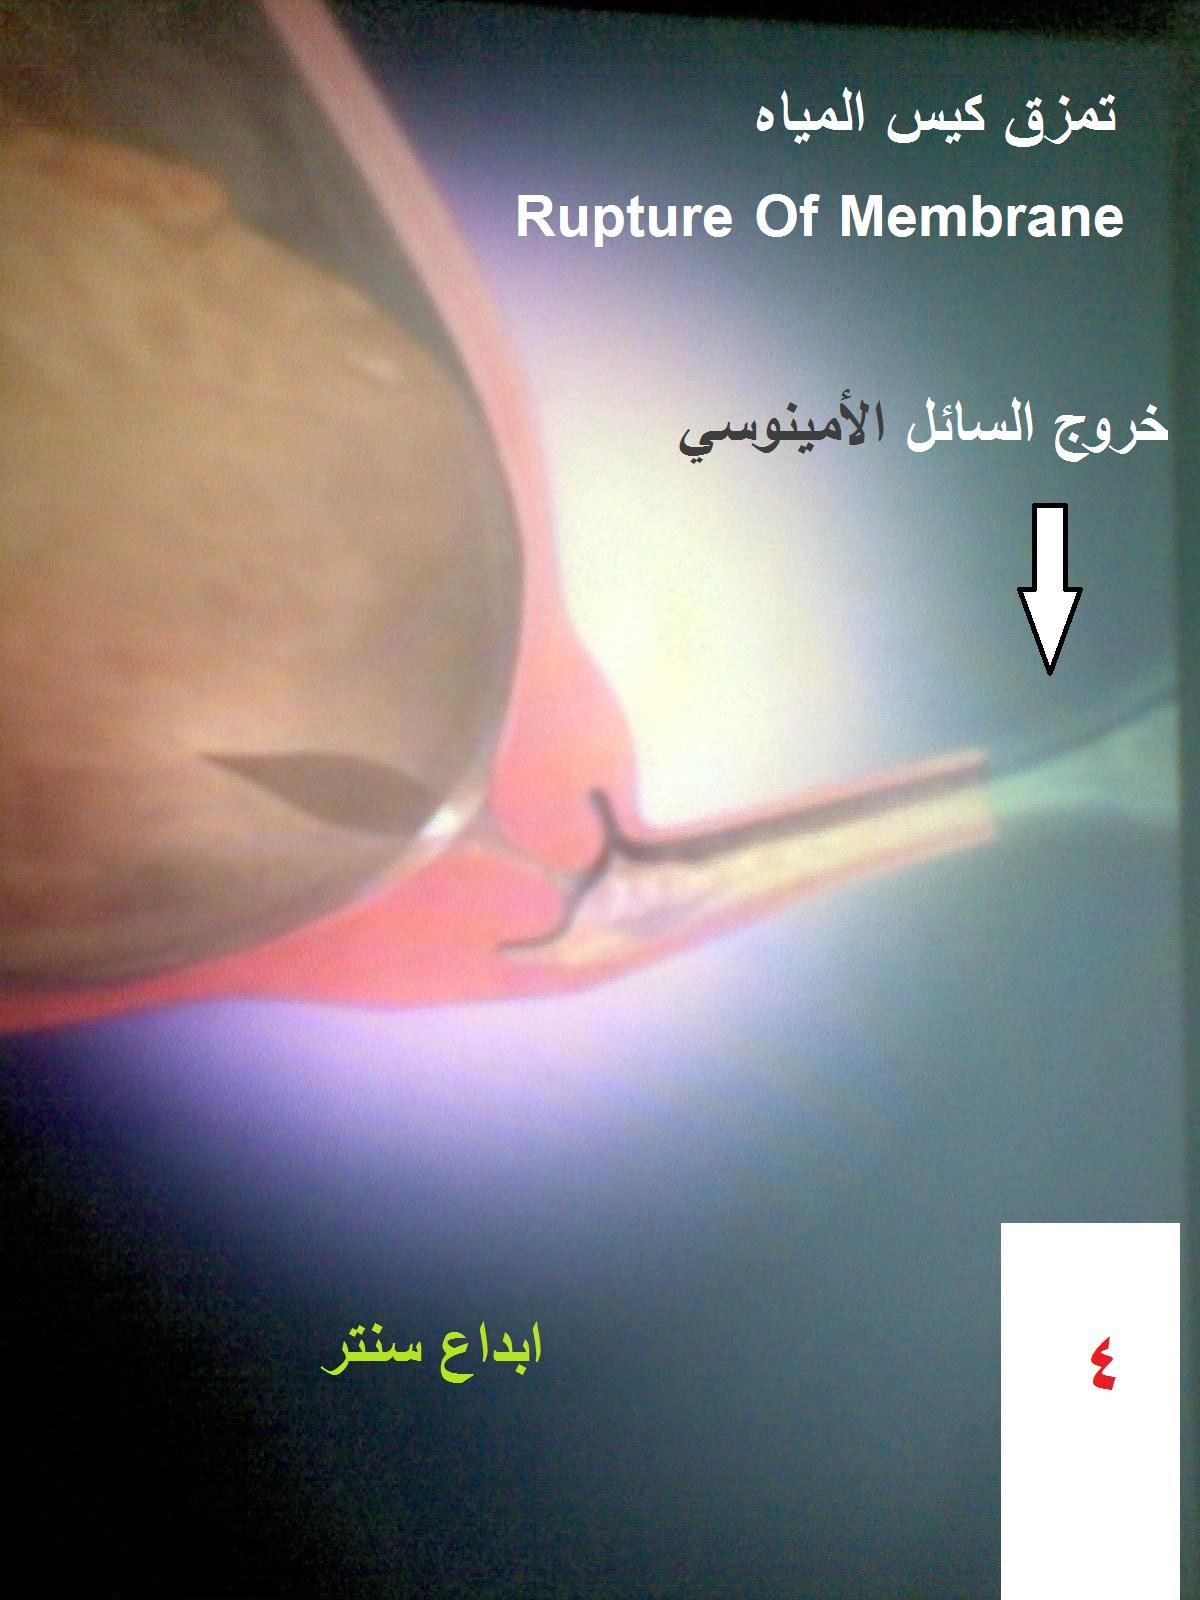 فدان خدش النعناع سدادة الرحم المخاطية بدون دم Nemoshideaway Com